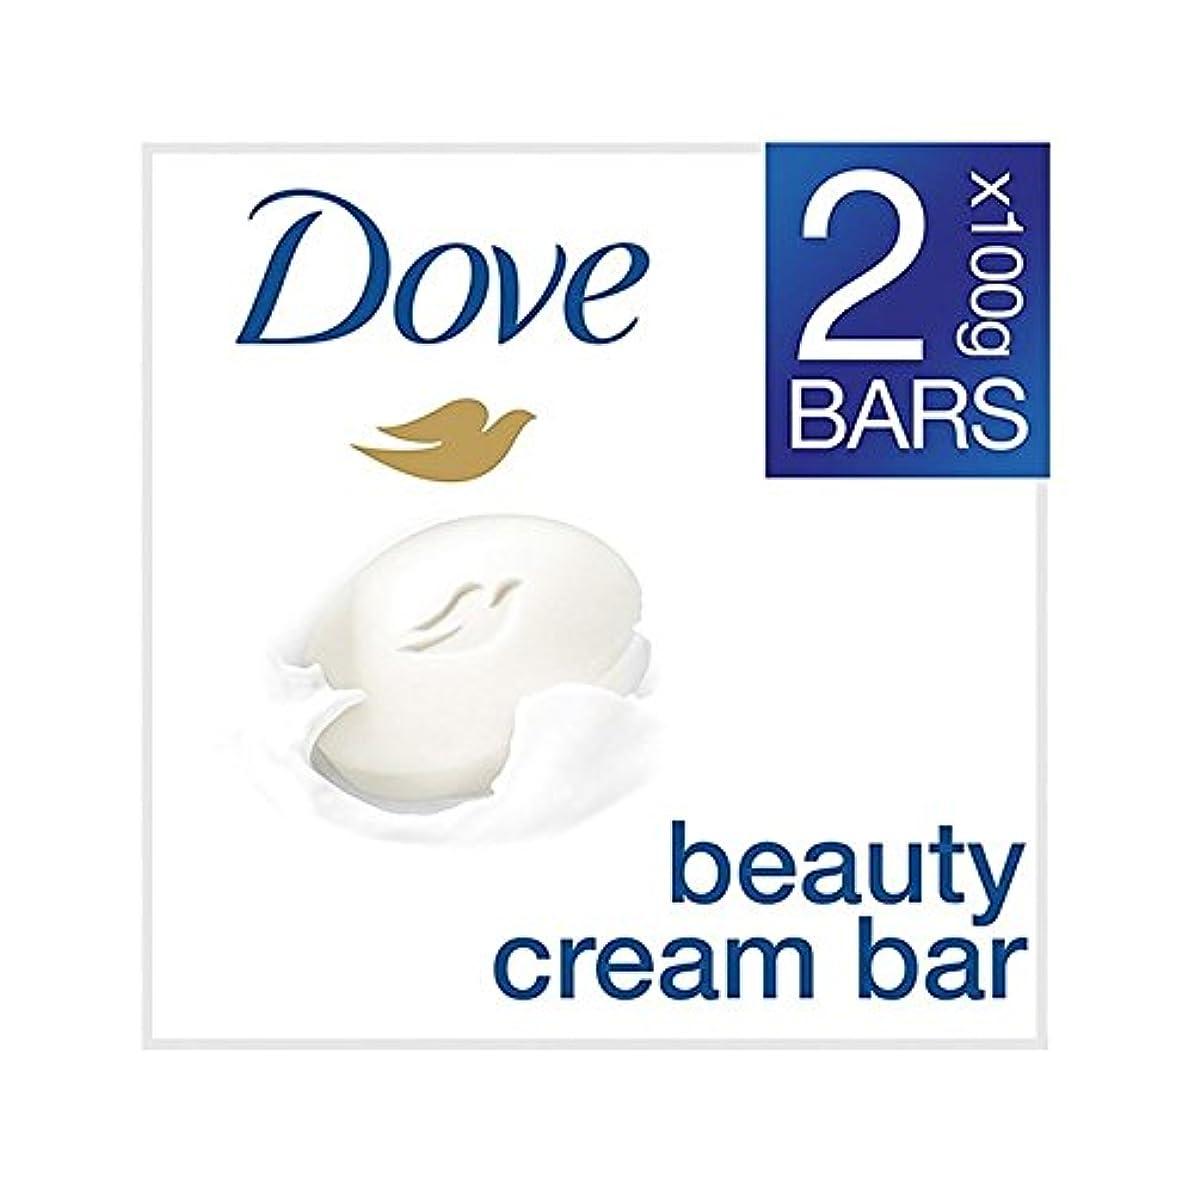 忠誠ジャーナリスト眉をひそめる[Dove ] 鳩の美容クリームバーオリジナルの2×100グラム - Dove Beauty Cream Bar Original 2 x 100g [並行輸入品]